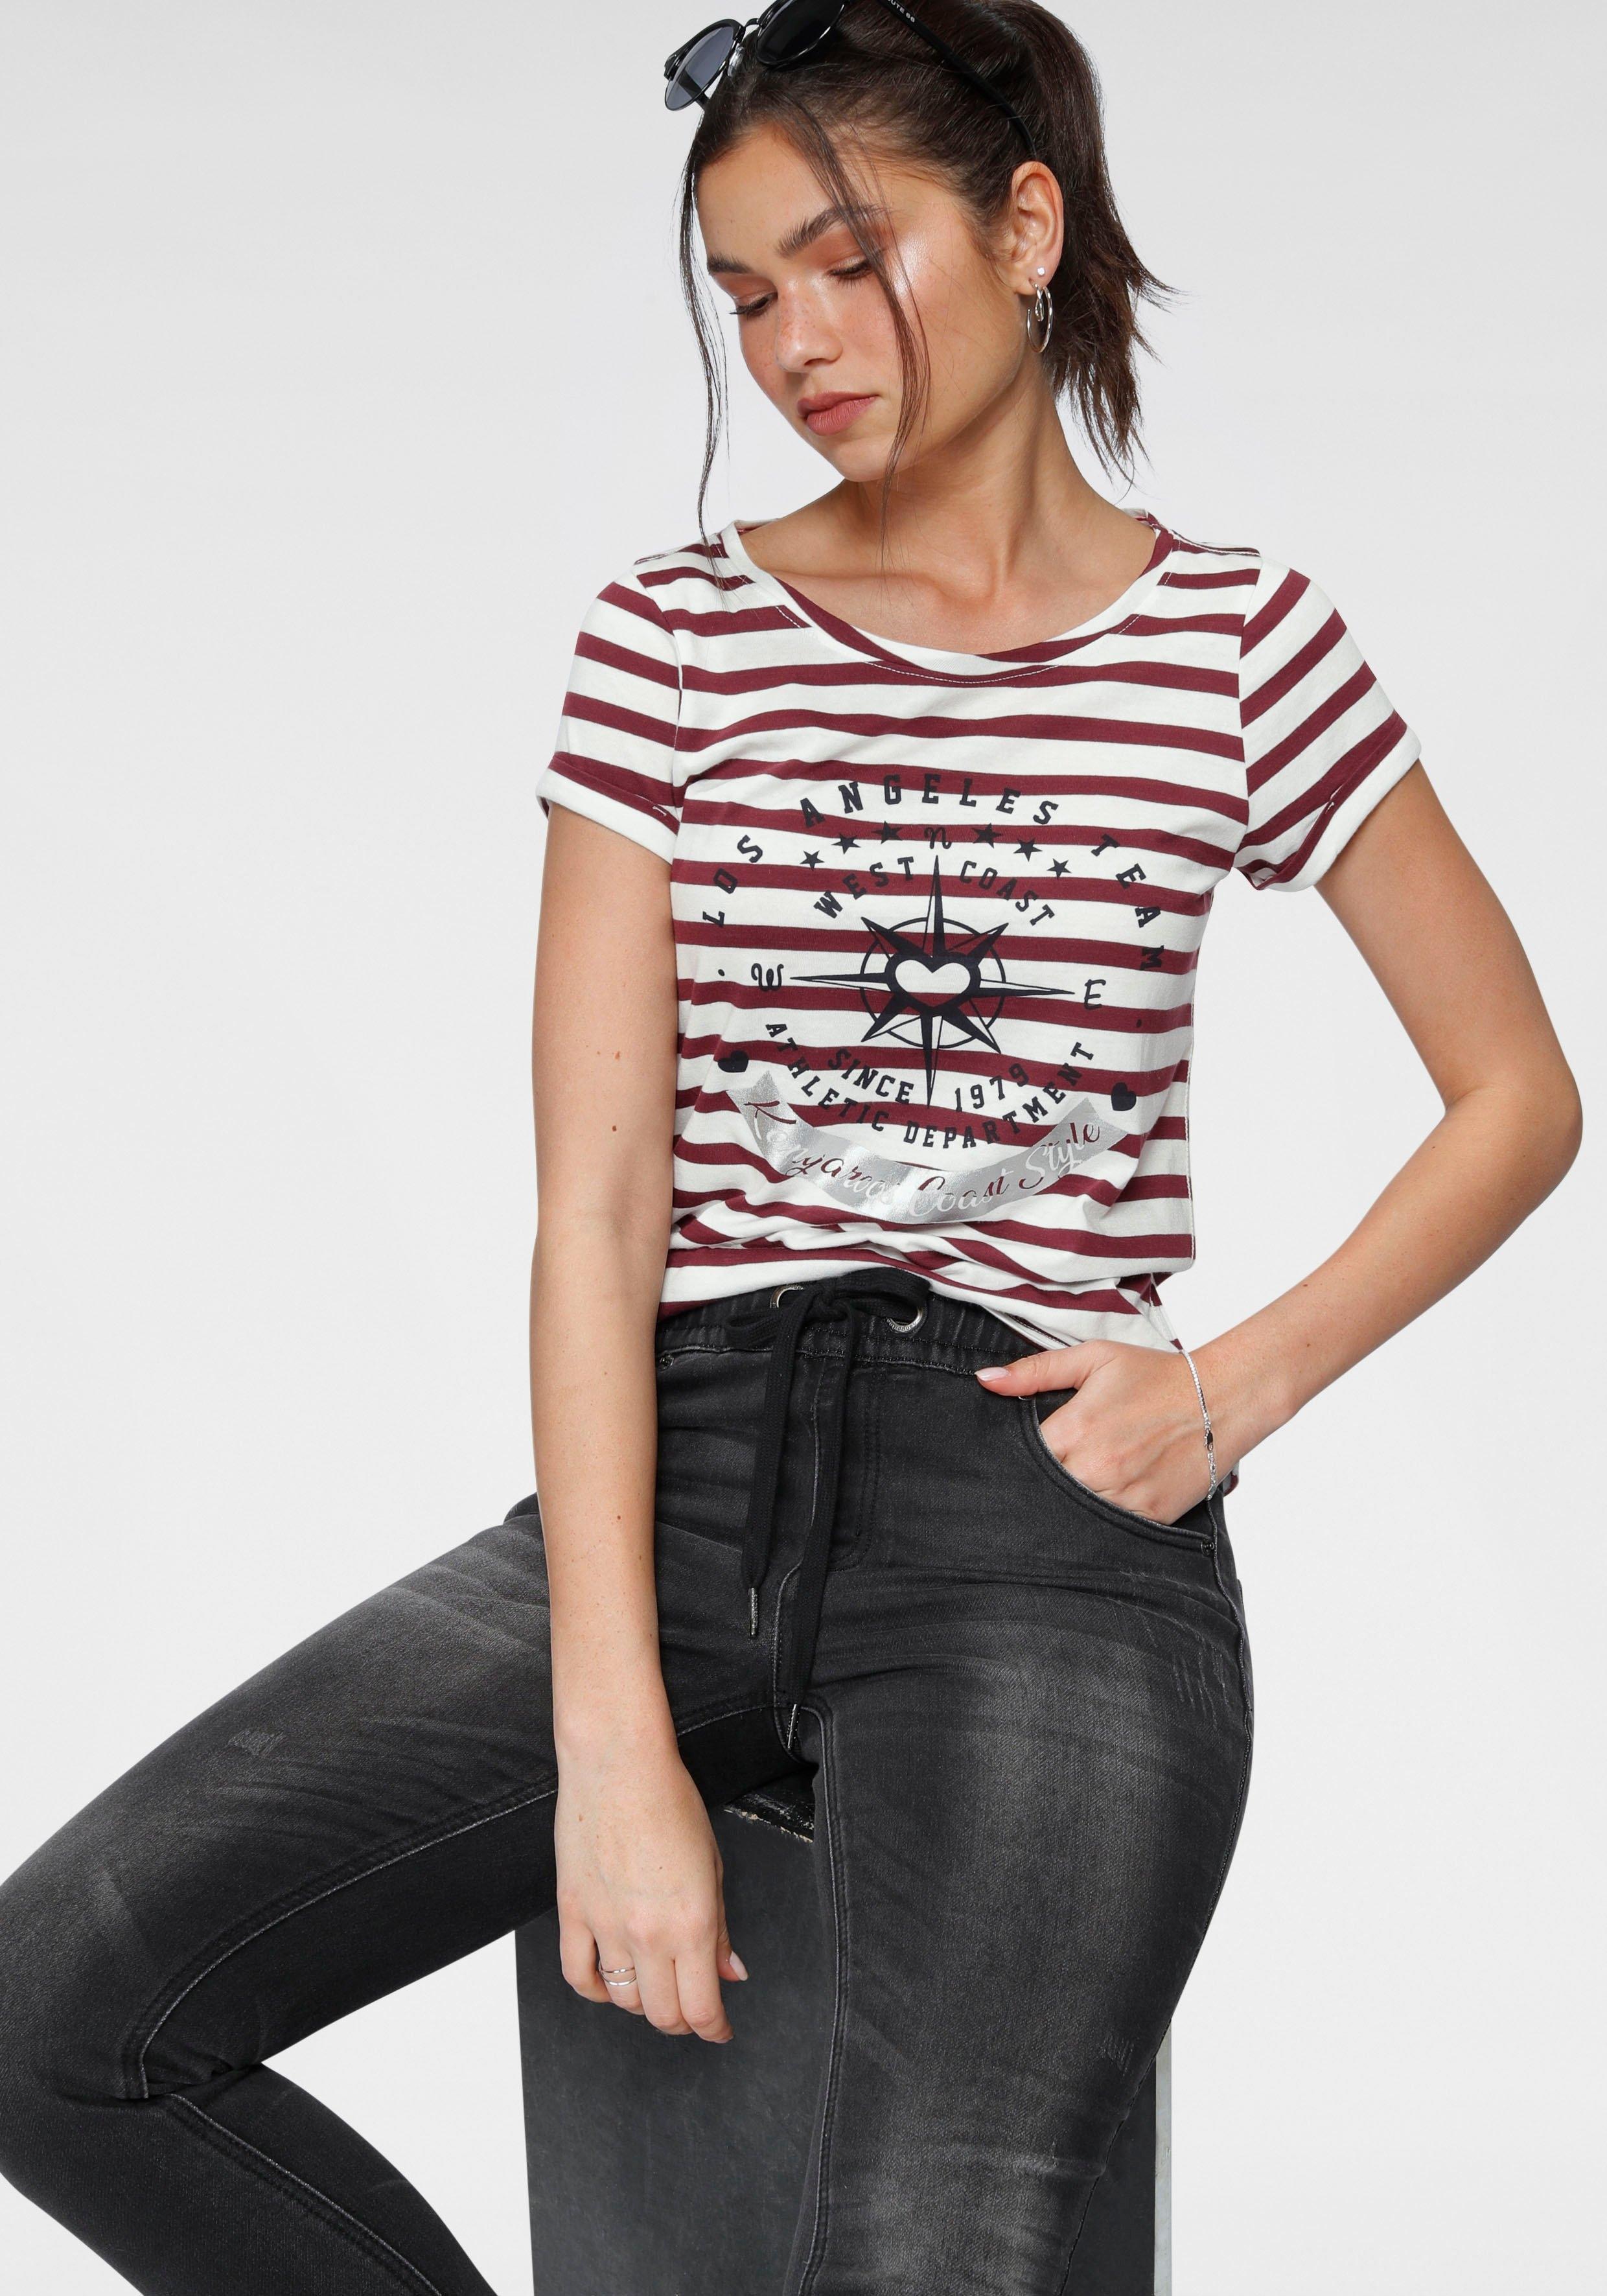 KangaROOS T-shirt met grote metallicprint voor goedkoop op otto.nl kopen